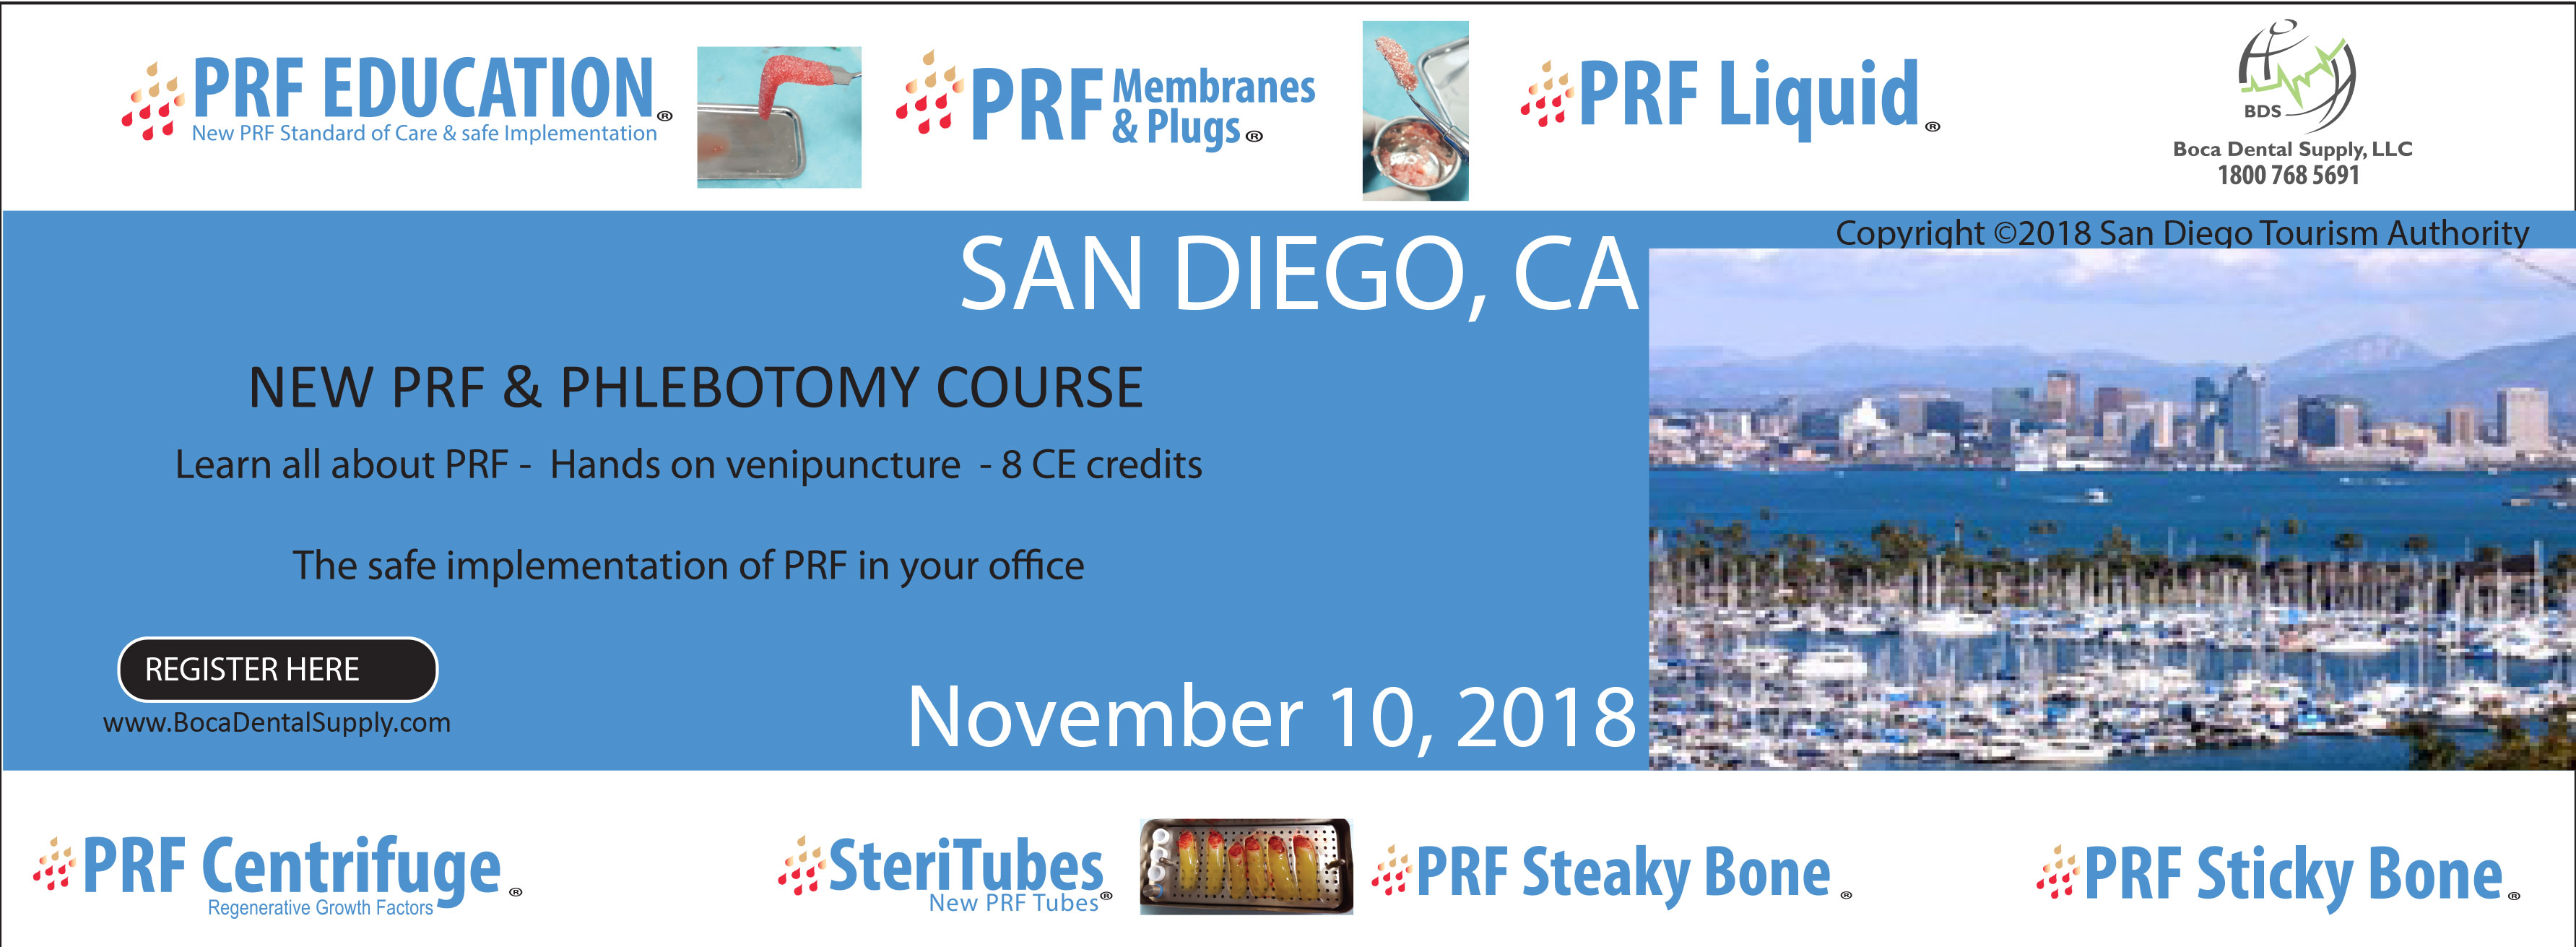 prf-course-san-diego-november-10-2018.jpg